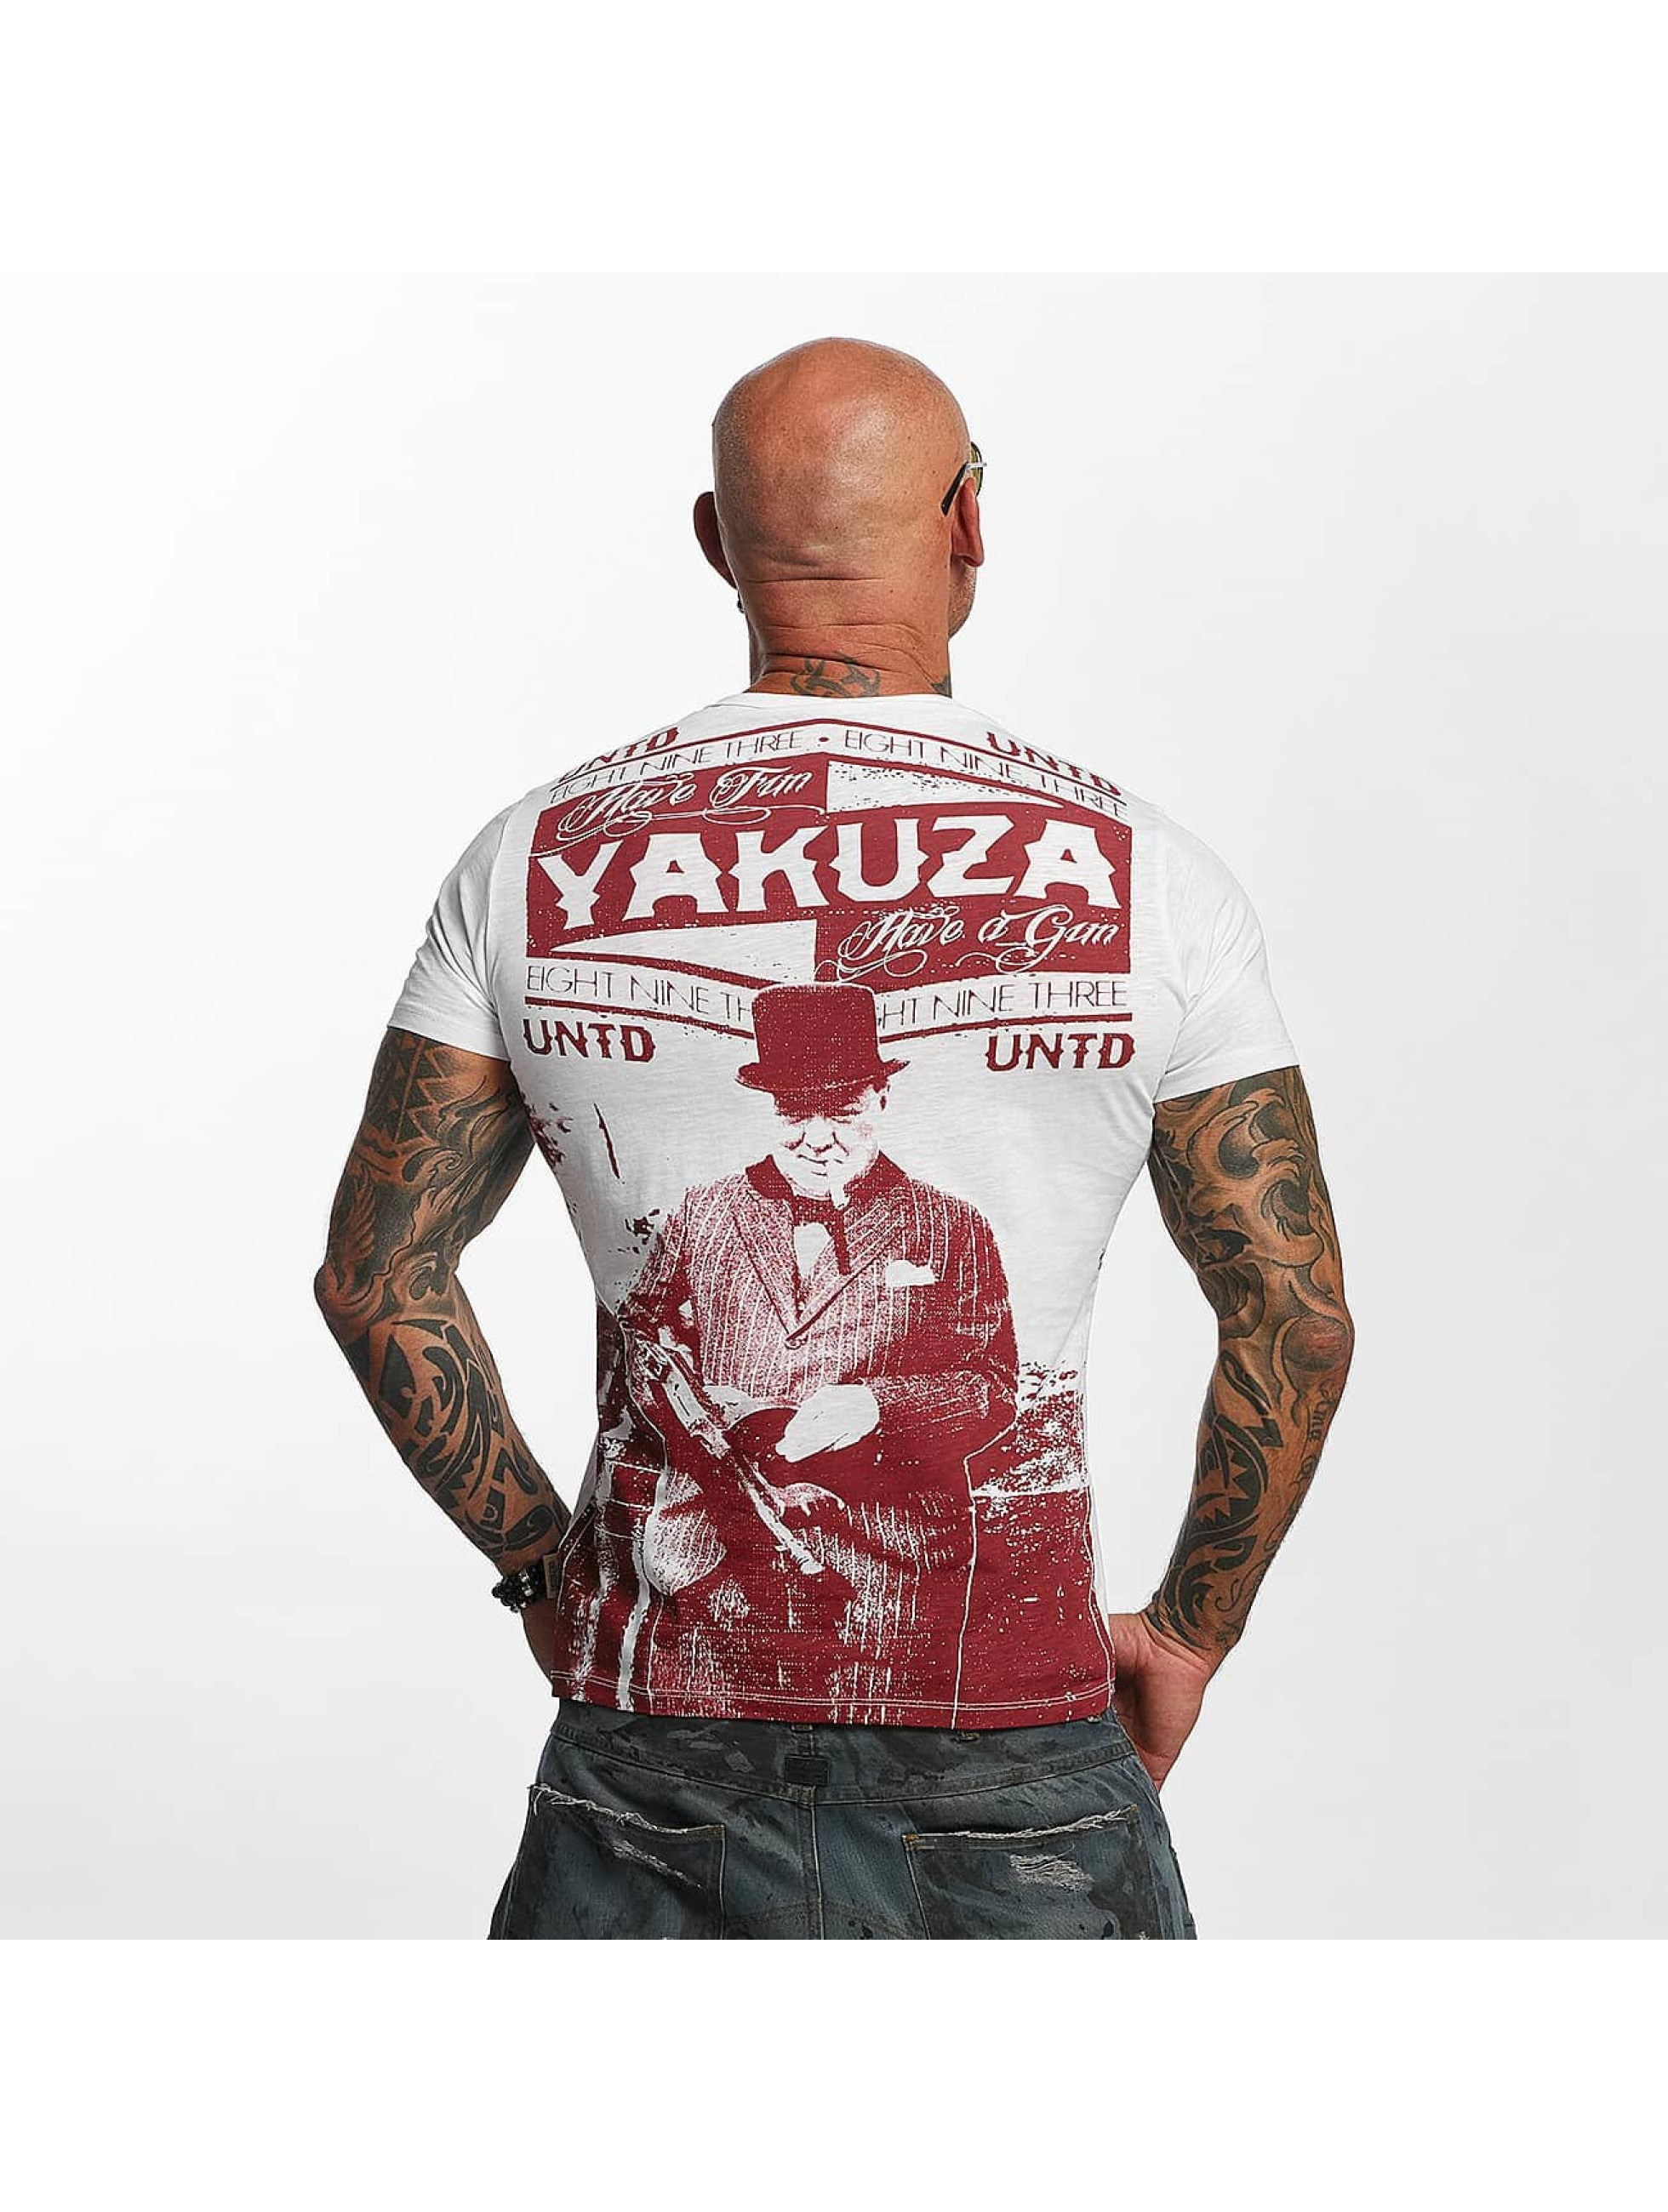 Yakuza T-Shirt Untd weiß